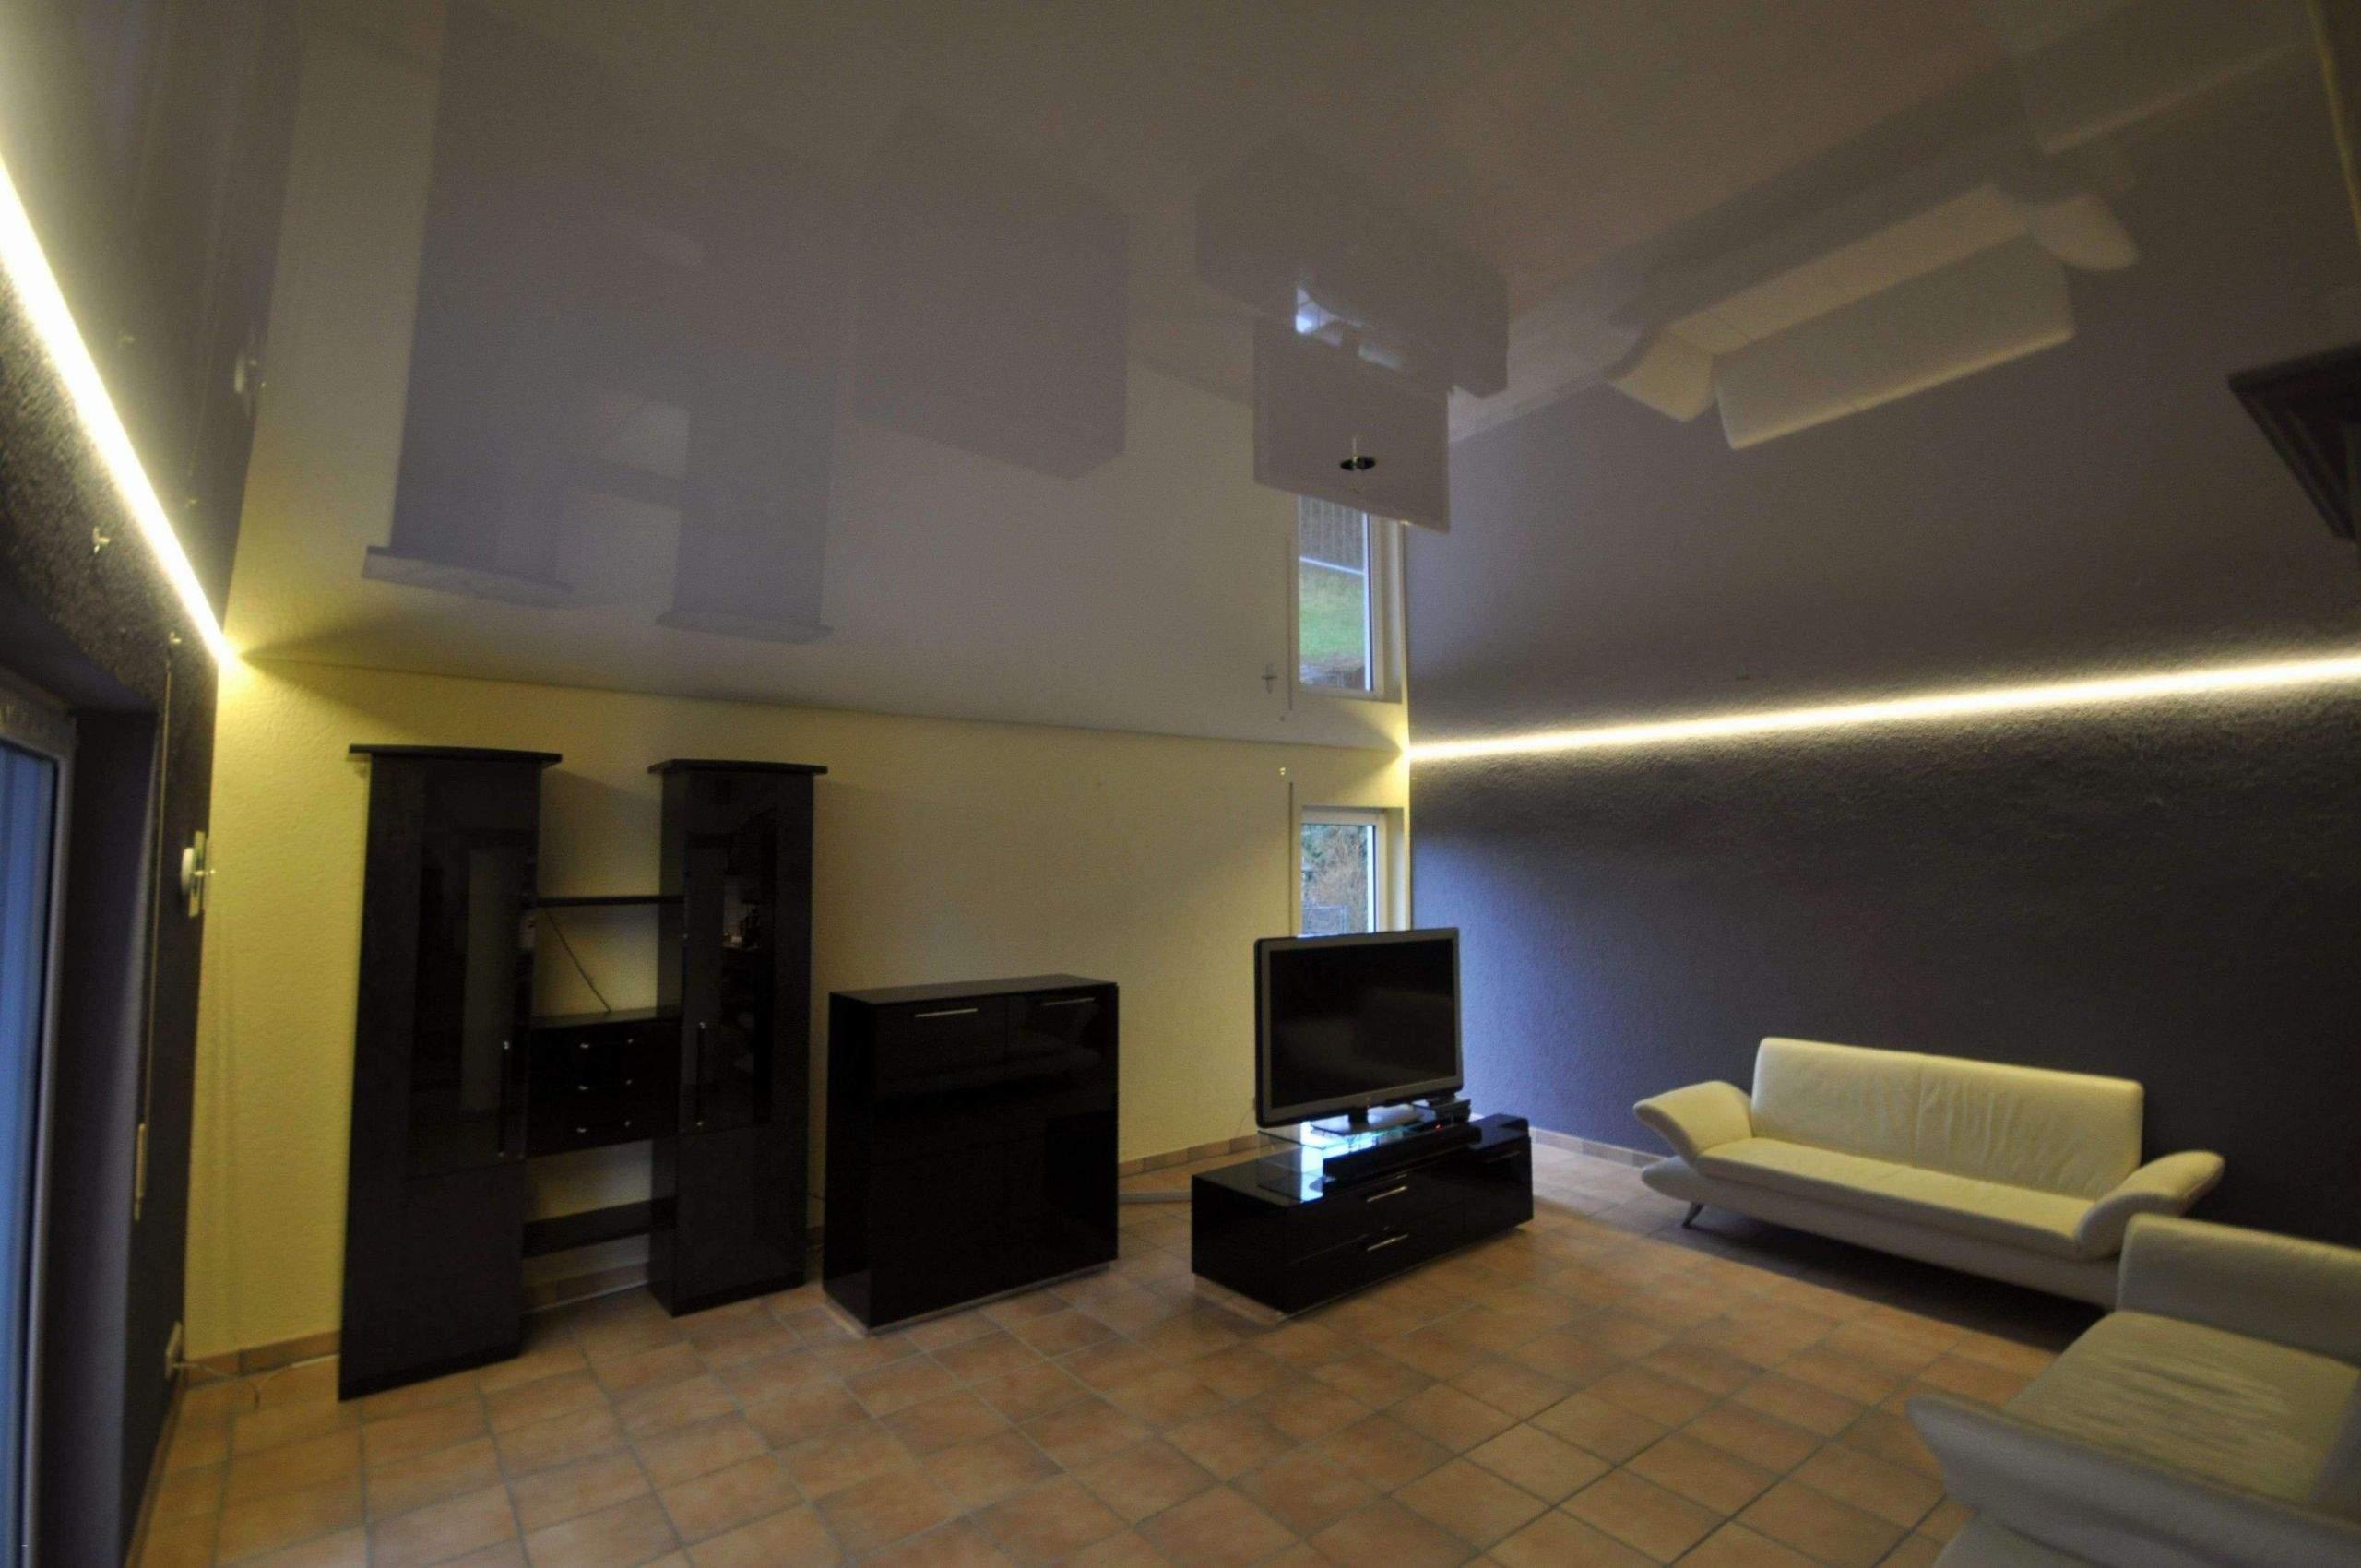 laminat wohnzimmer das beste von galerie wohnzimmer reizend wohnzimmer licht 0d design ideen of laminat wohnzimmer scaled